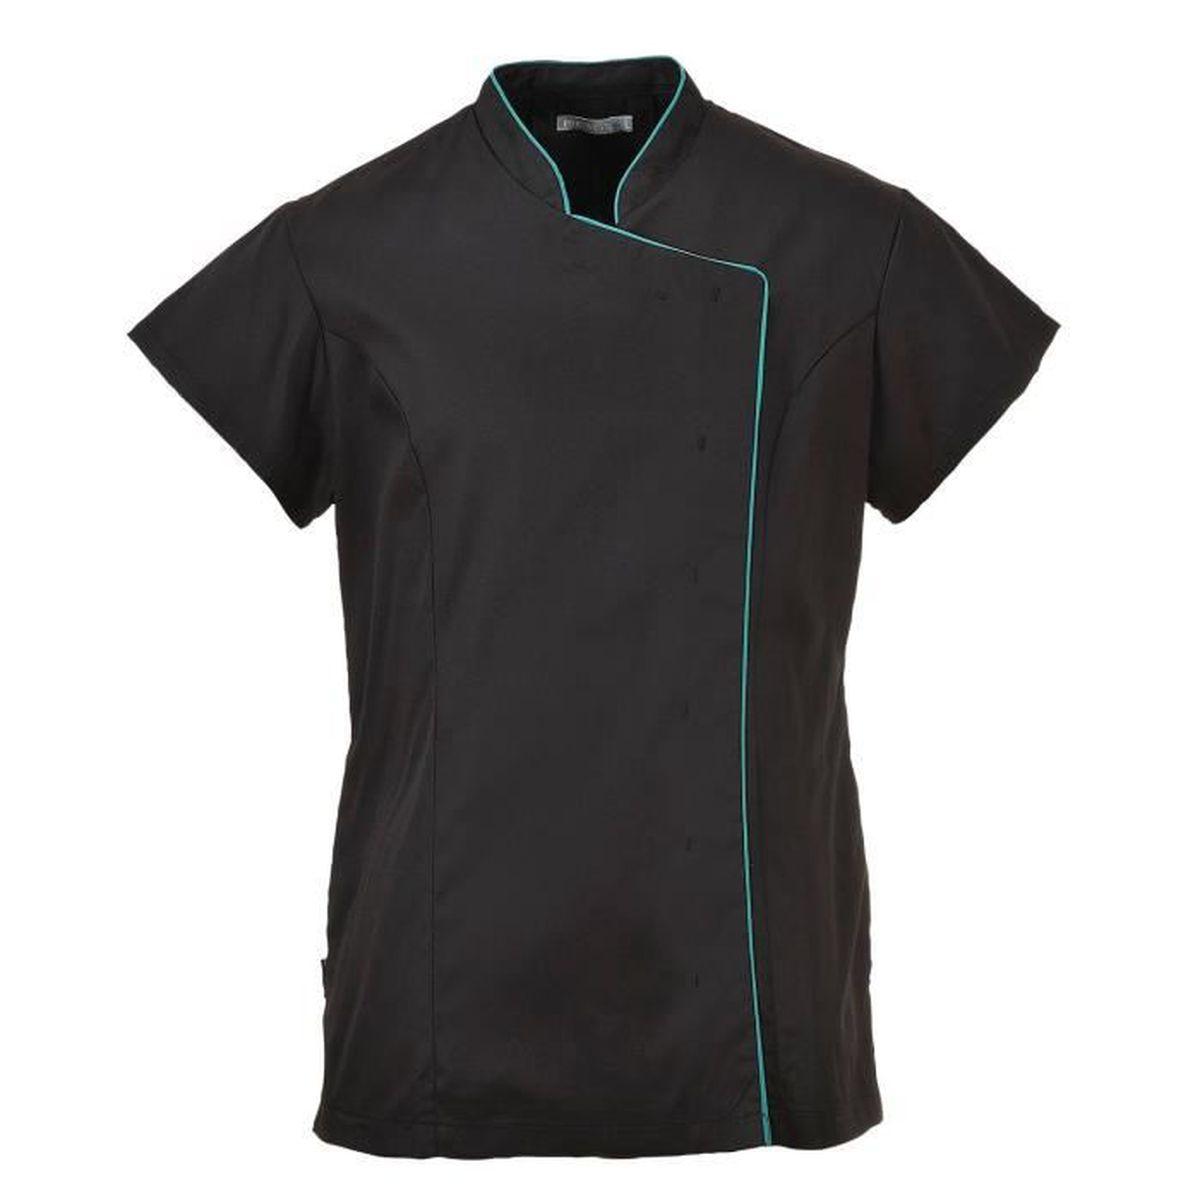 blouse de travail noire femme achat vente pas cher. Black Bedroom Furniture Sets. Home Design Ideas